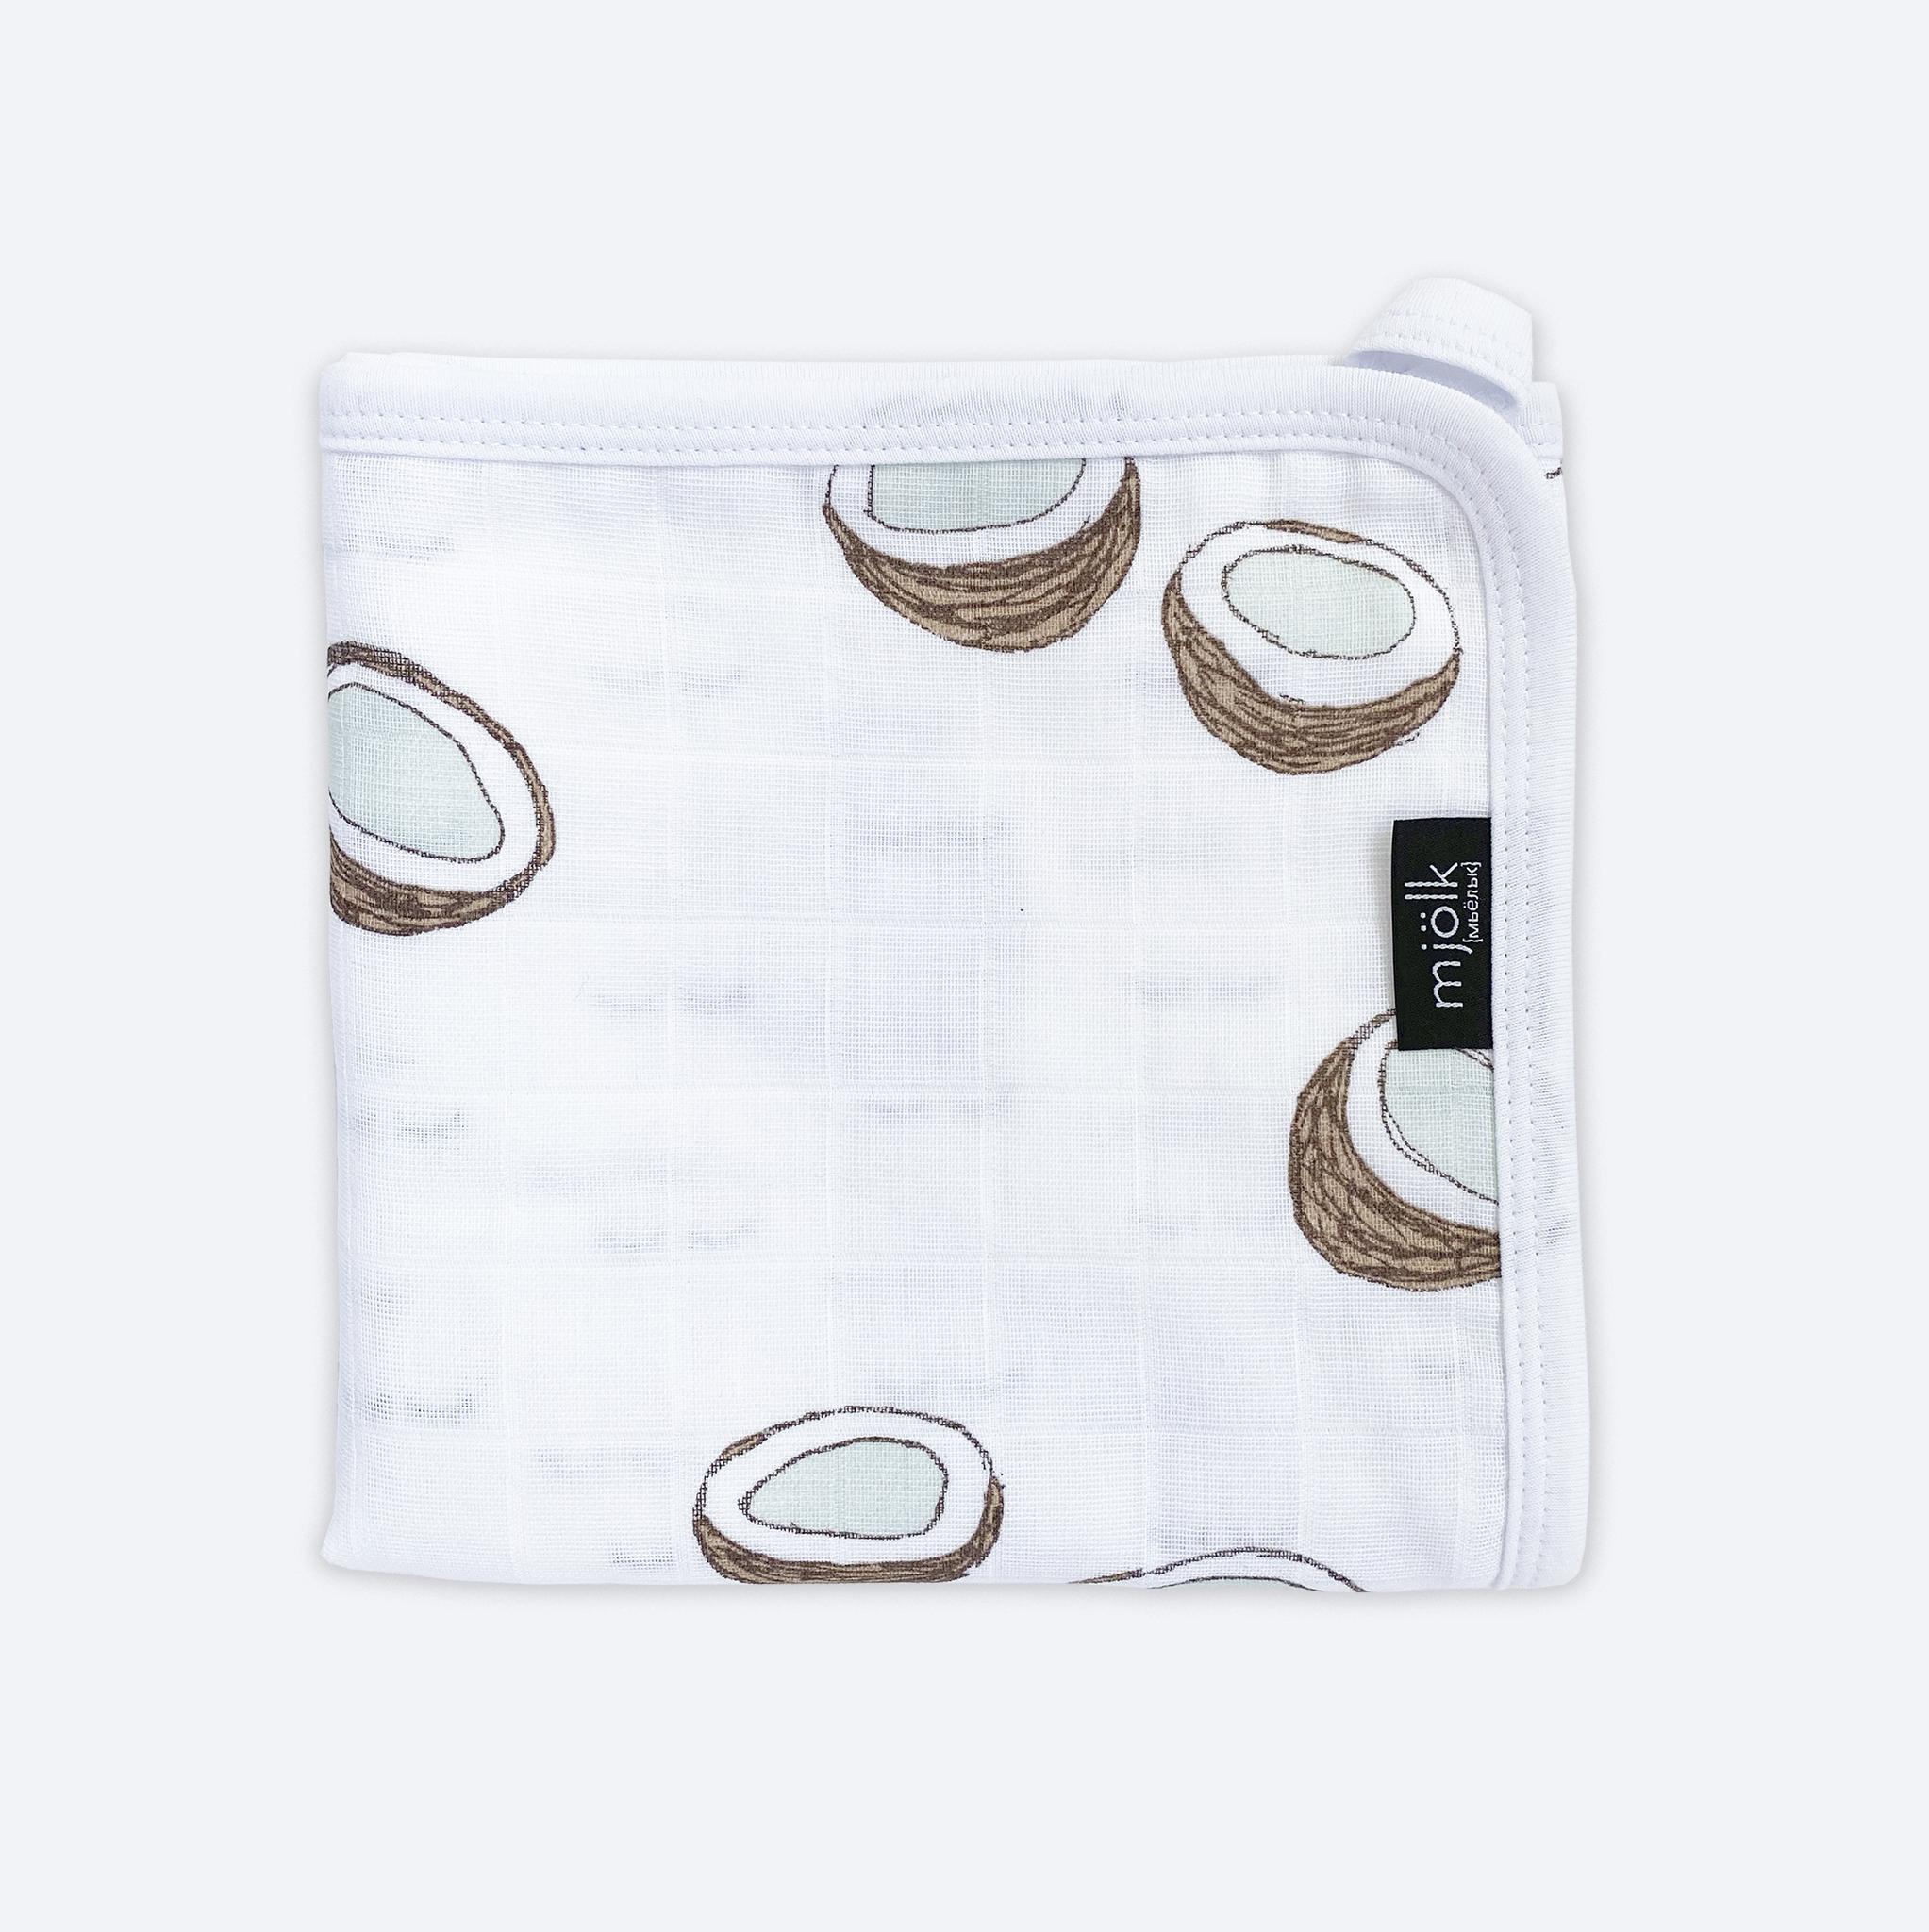 Муслиновое лёгкое одеяло КОКОСЫ